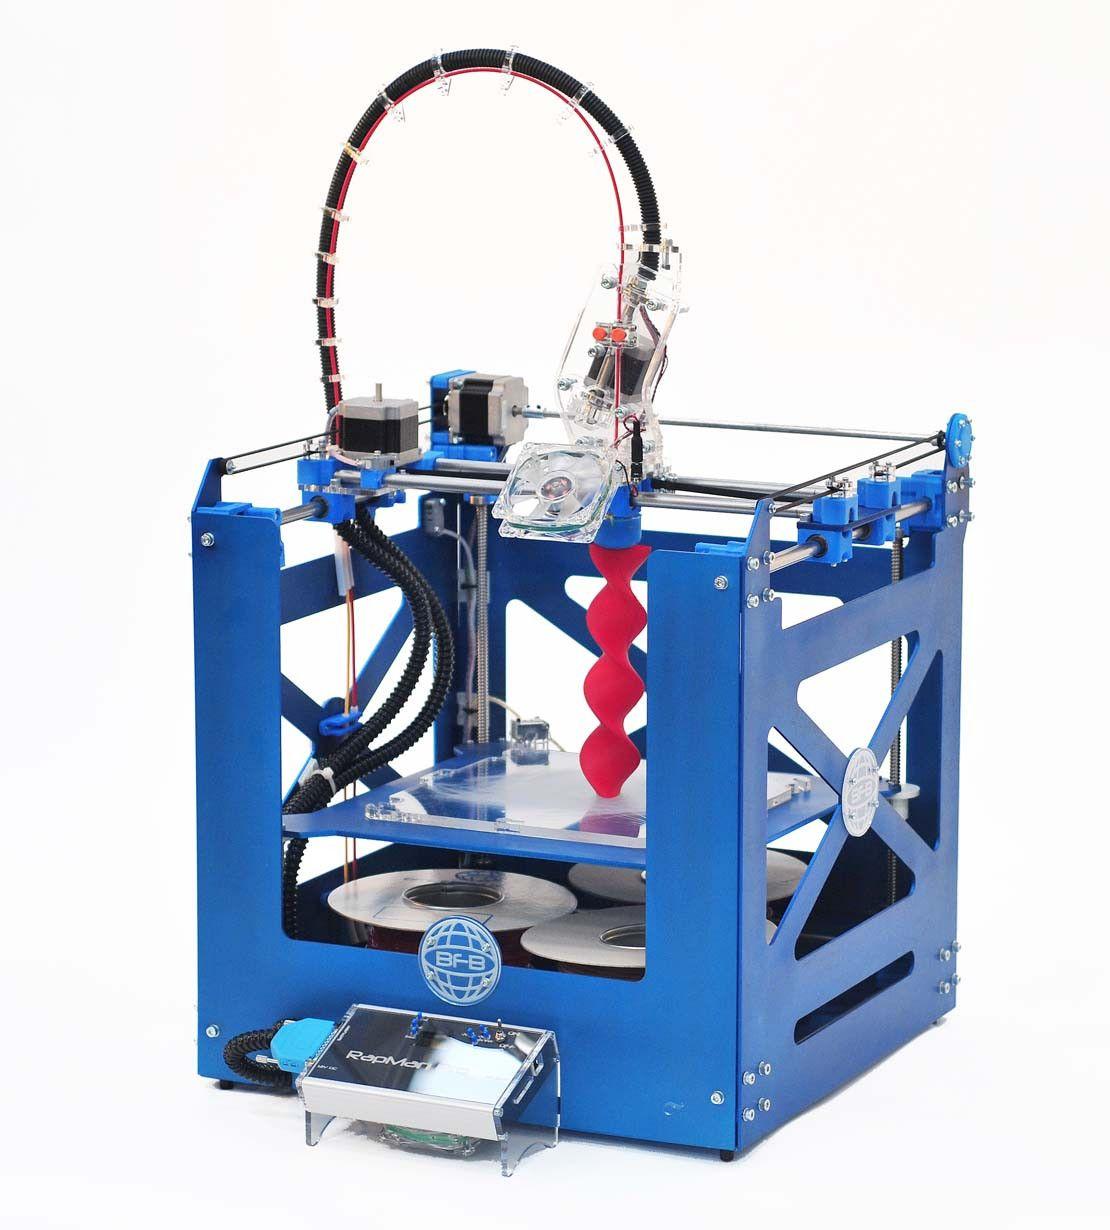 3d printing 3d printer pinterest. Black Bedroom Furniture Sets. Home Design Ideas